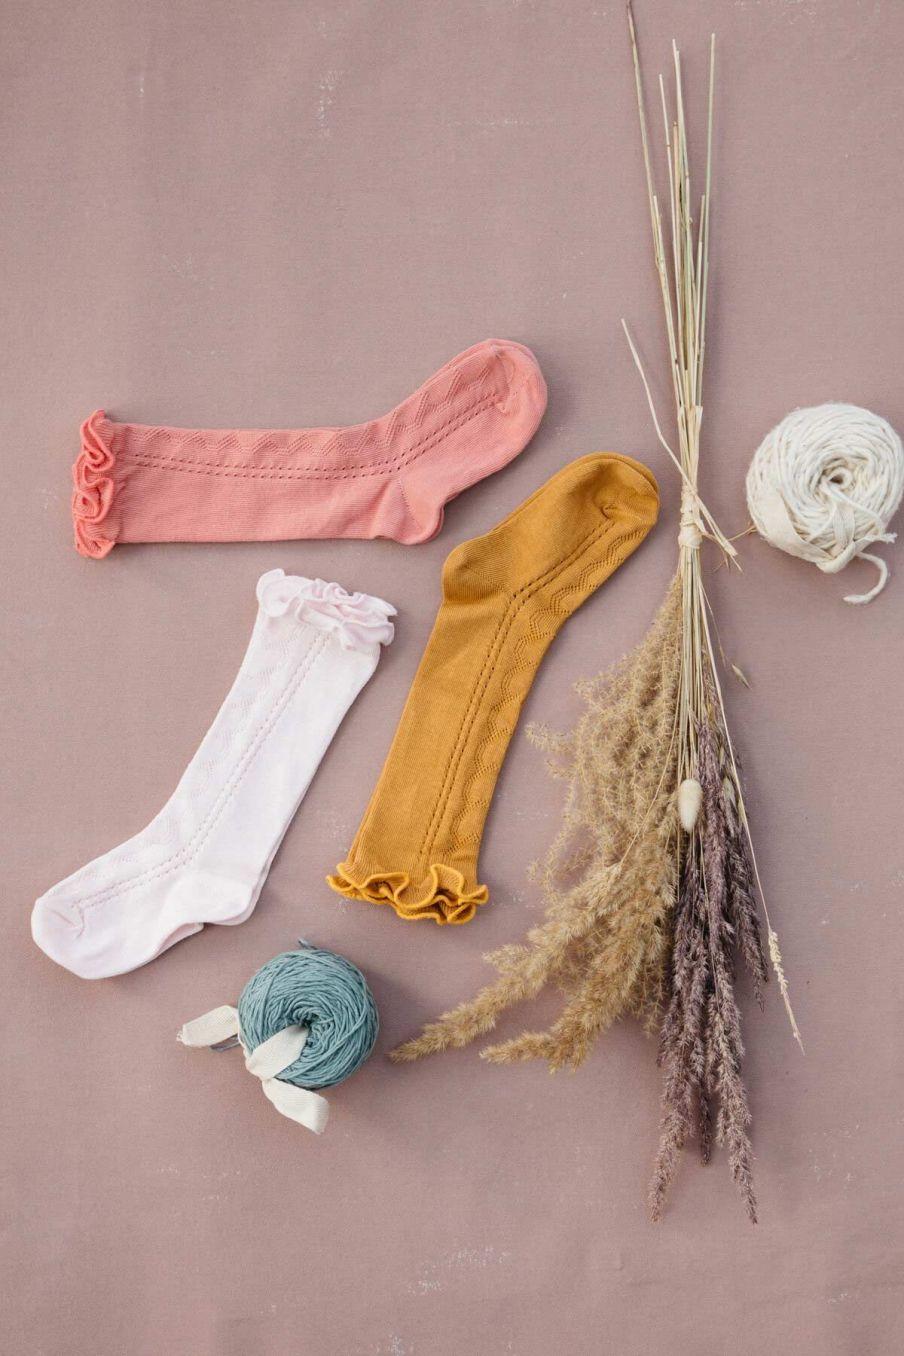 chaussettes fille chilou blush - louise misha